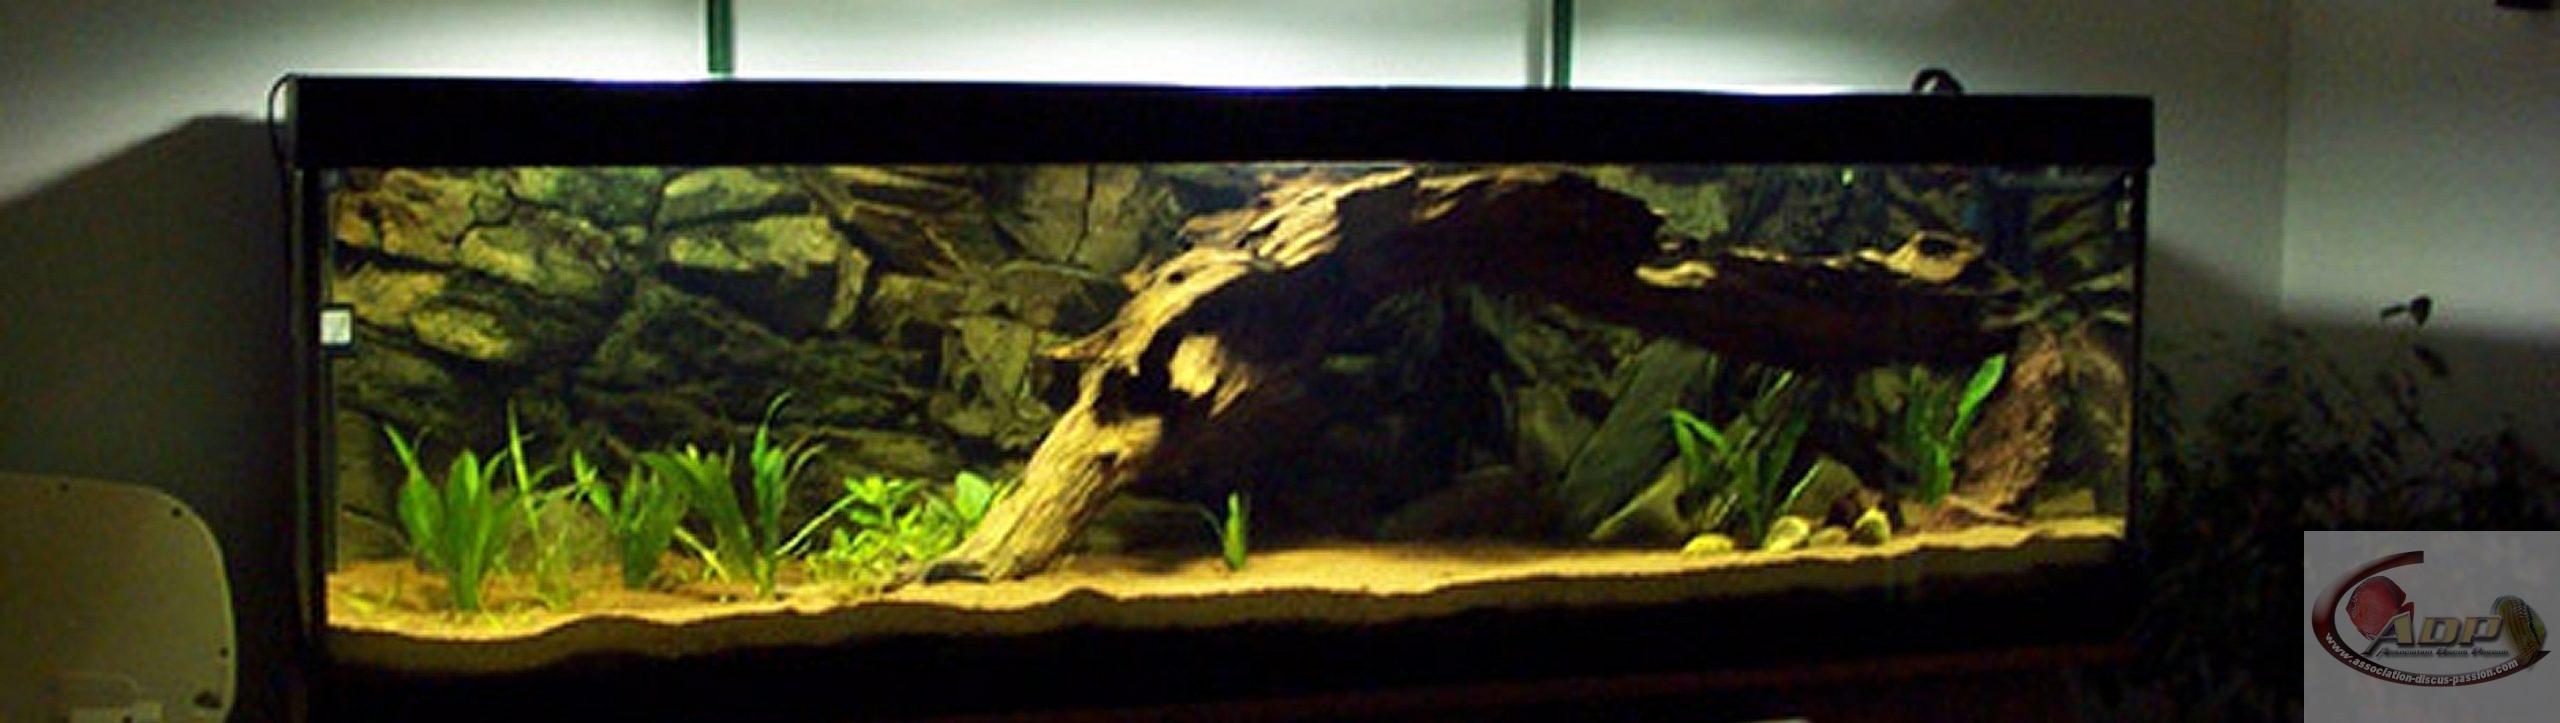 Aquarium JVB